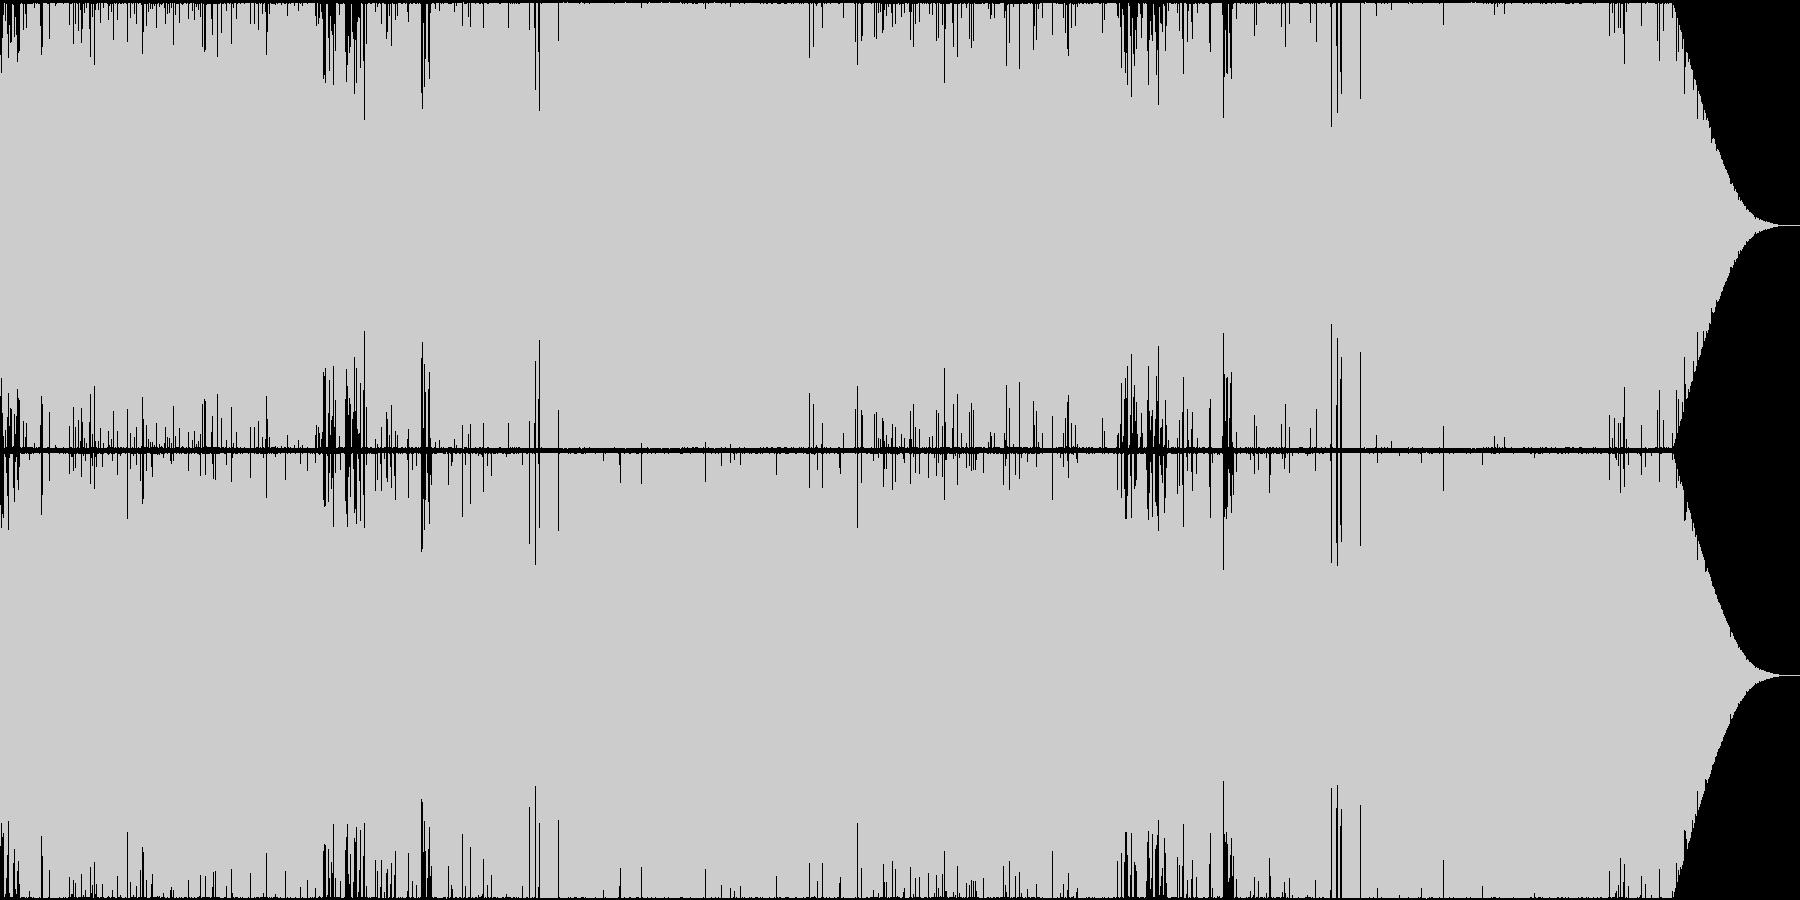 テンポ速めの熱い戦闘曲の未再生の波形